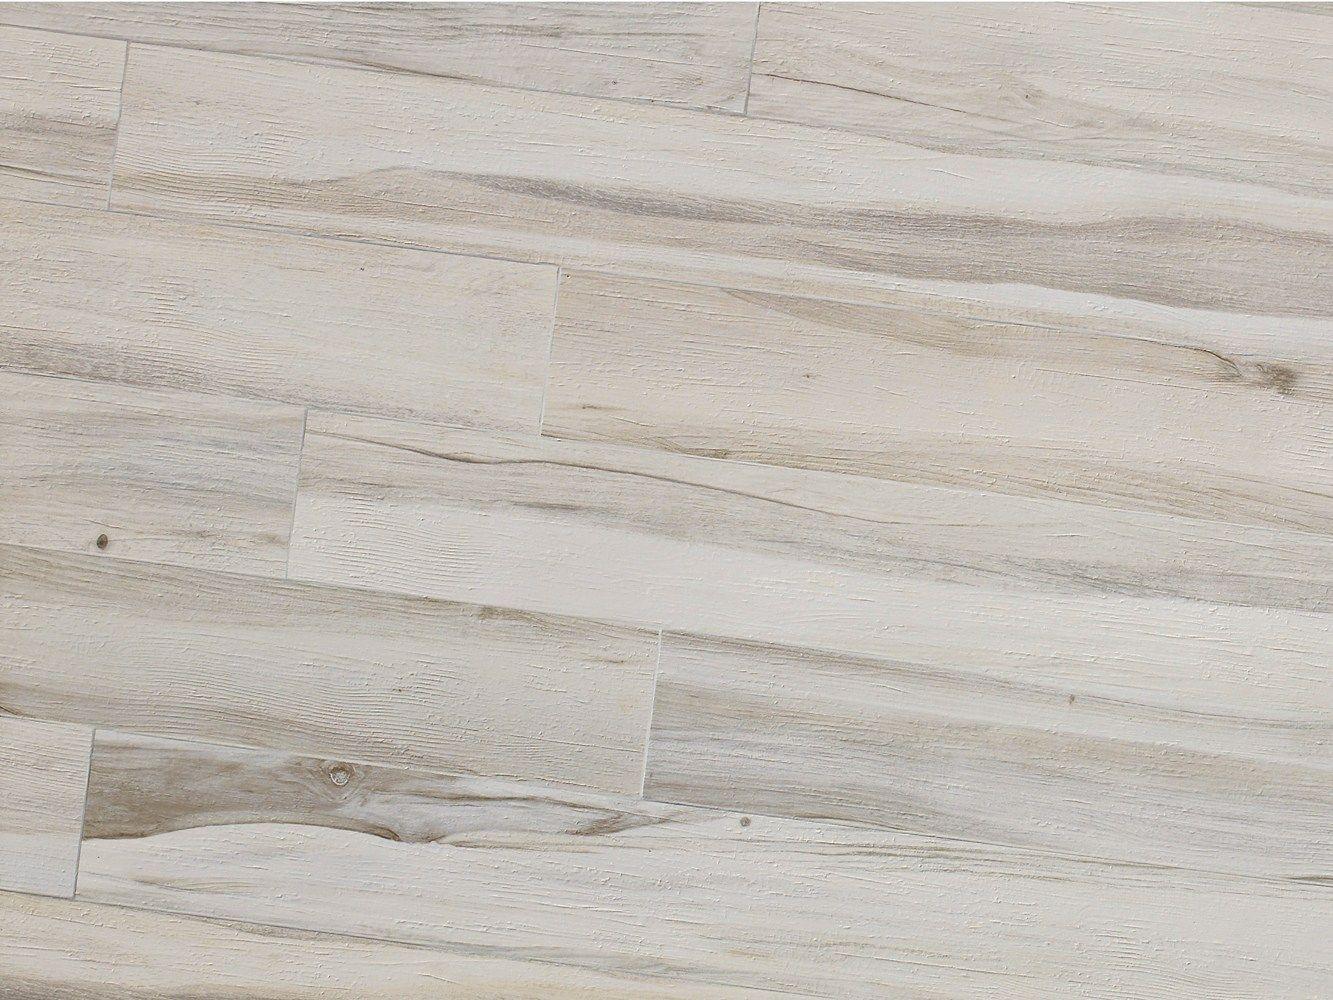 Legno Bianco Texture : Undici parquet inciso inkiostro bianco